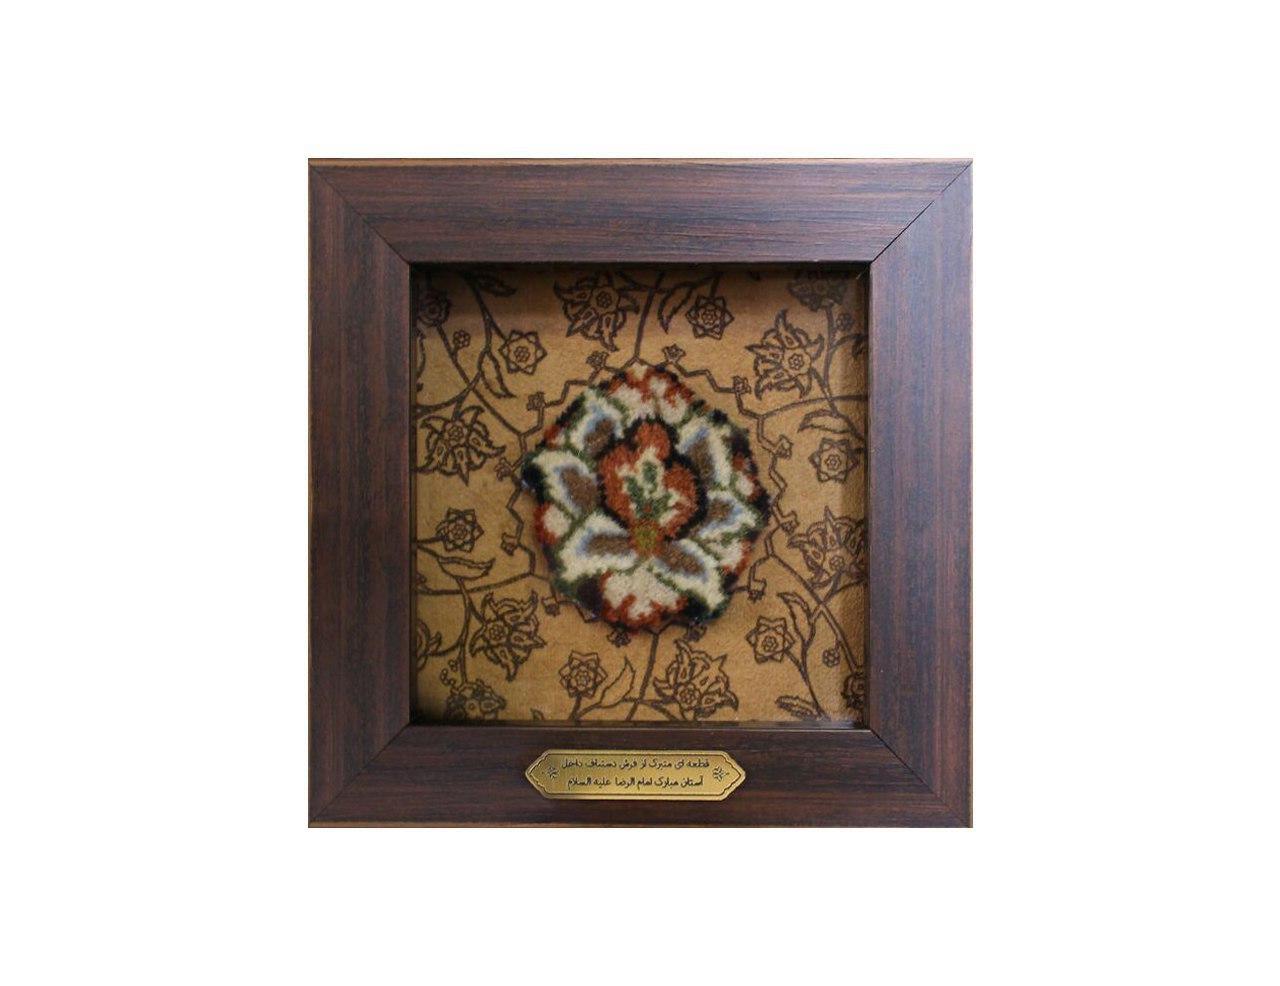 تصویر از قاب فرش توتیای ترنج کوچک (١٩×١٩) - فرش دستباف حرم امام رضا علیهالسلام